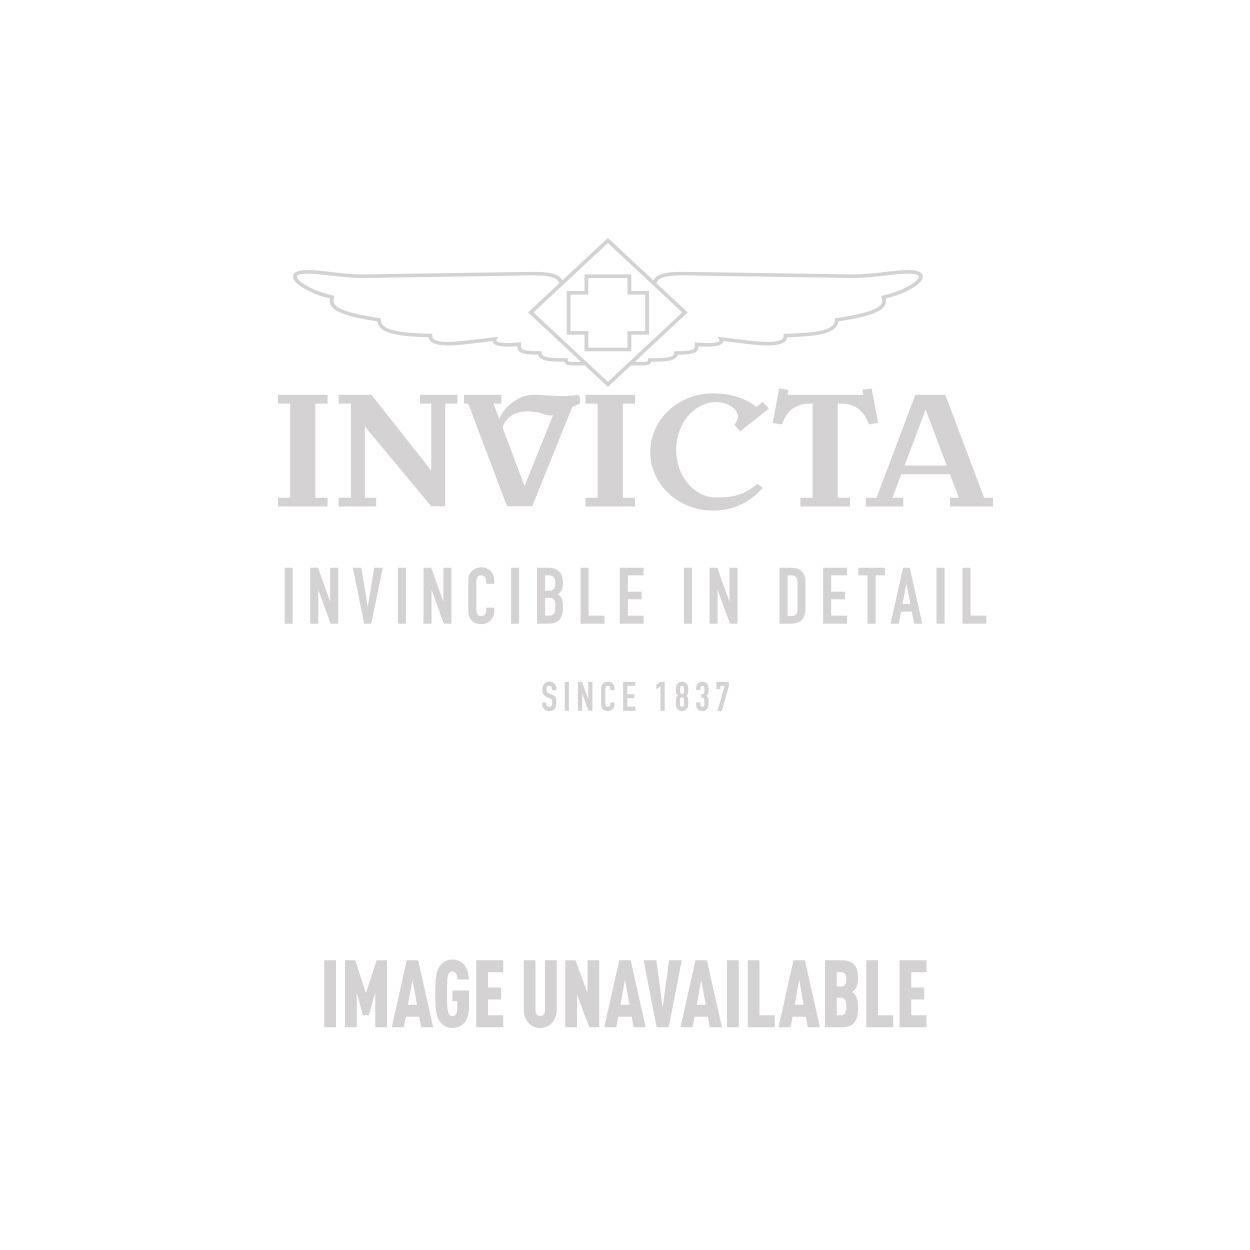 Invicta Model 25392